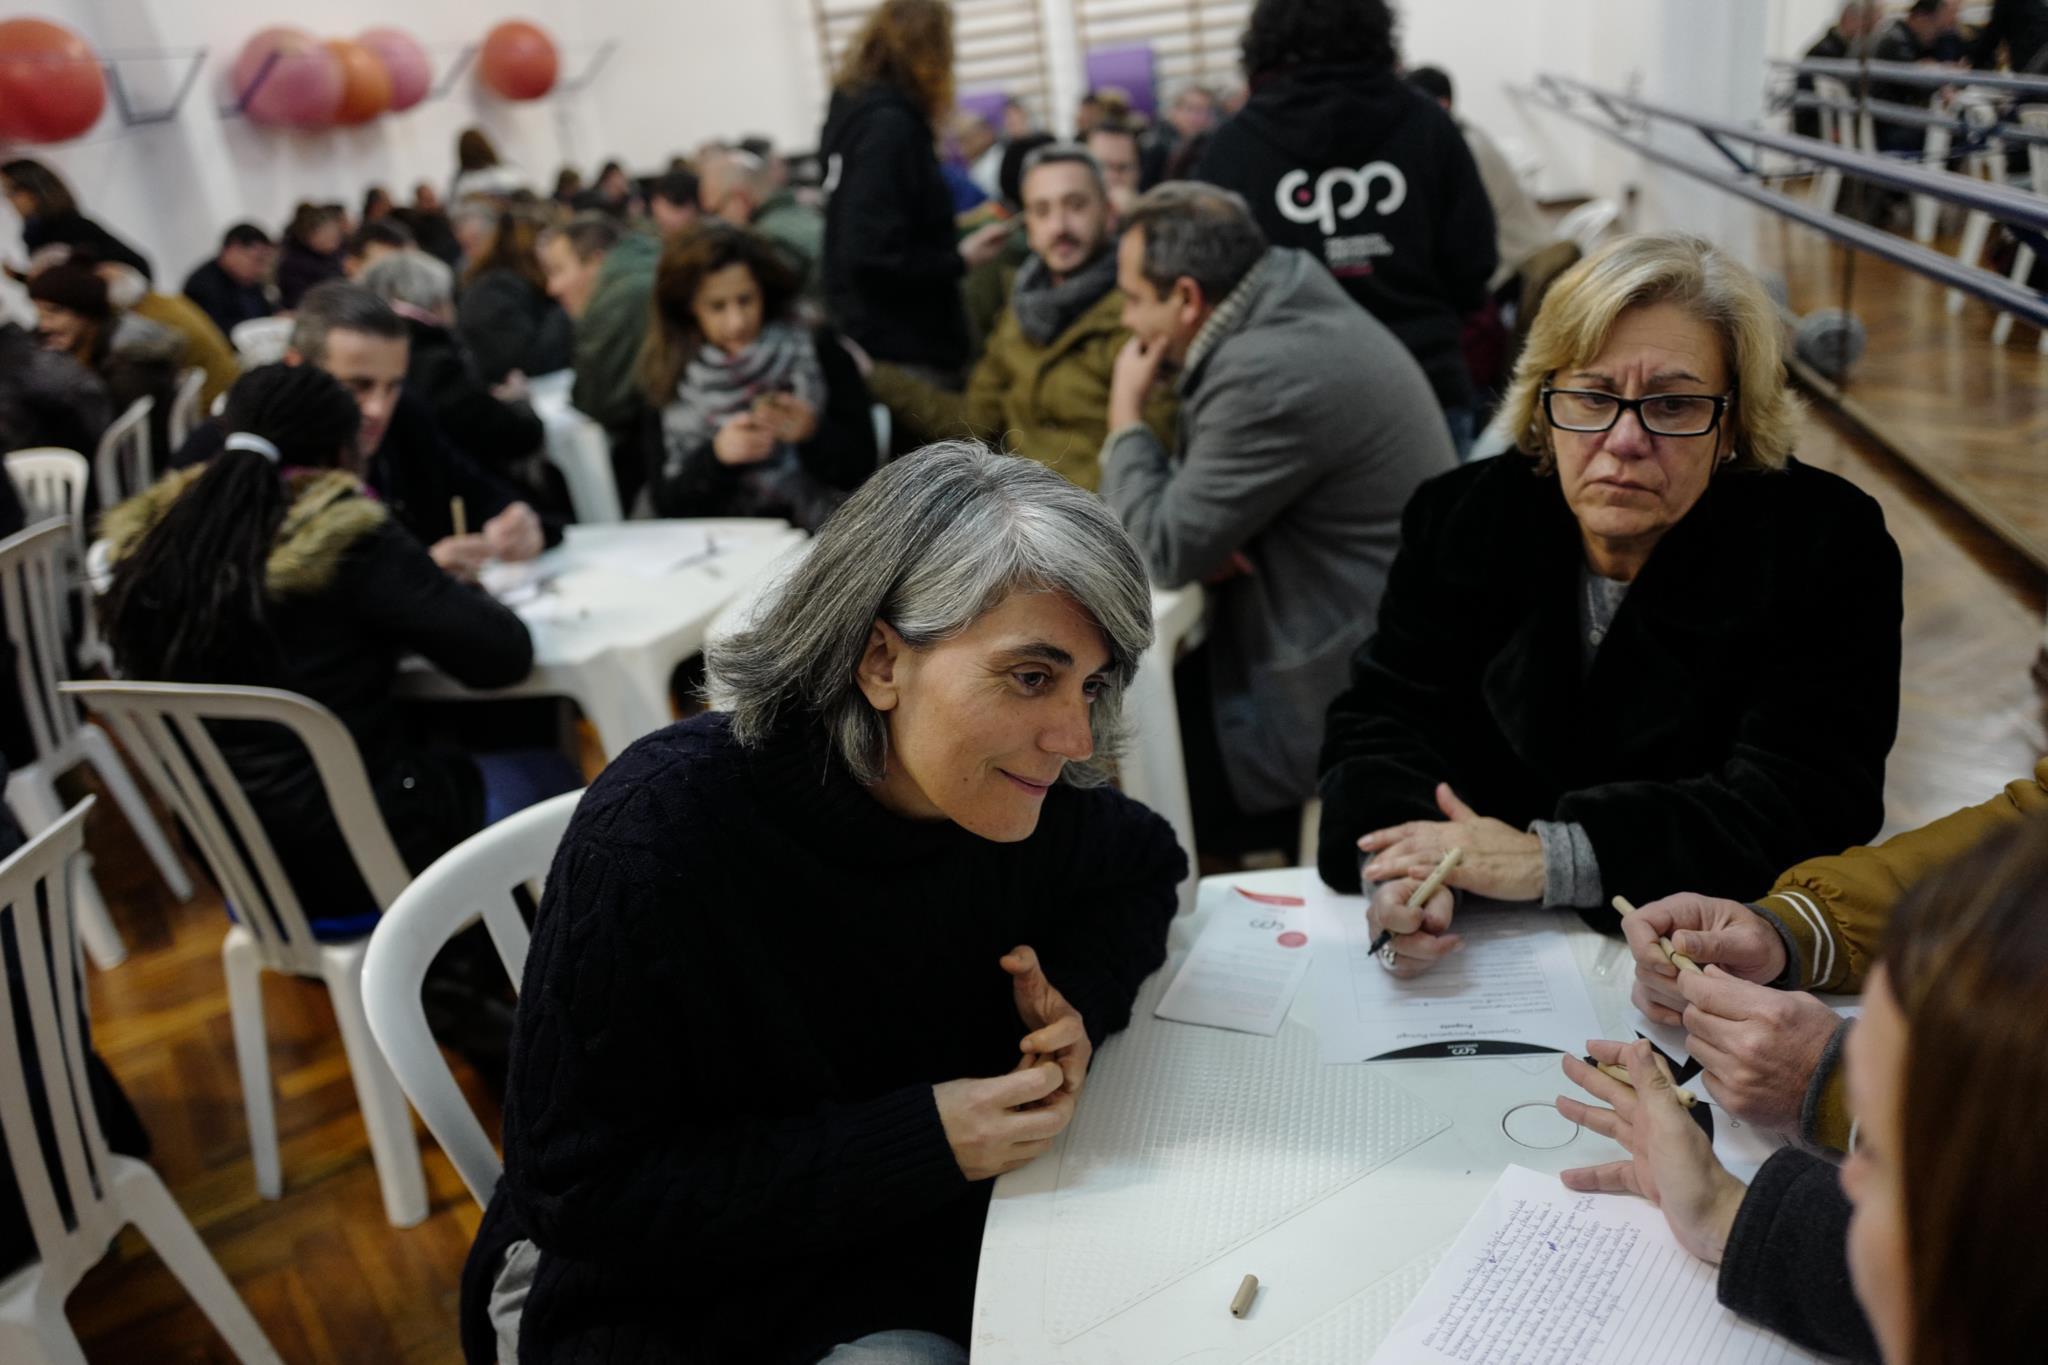 PÚBLICO - Numa noite fria em Alenquer, houve uma pequena assembleia de ideias para o país